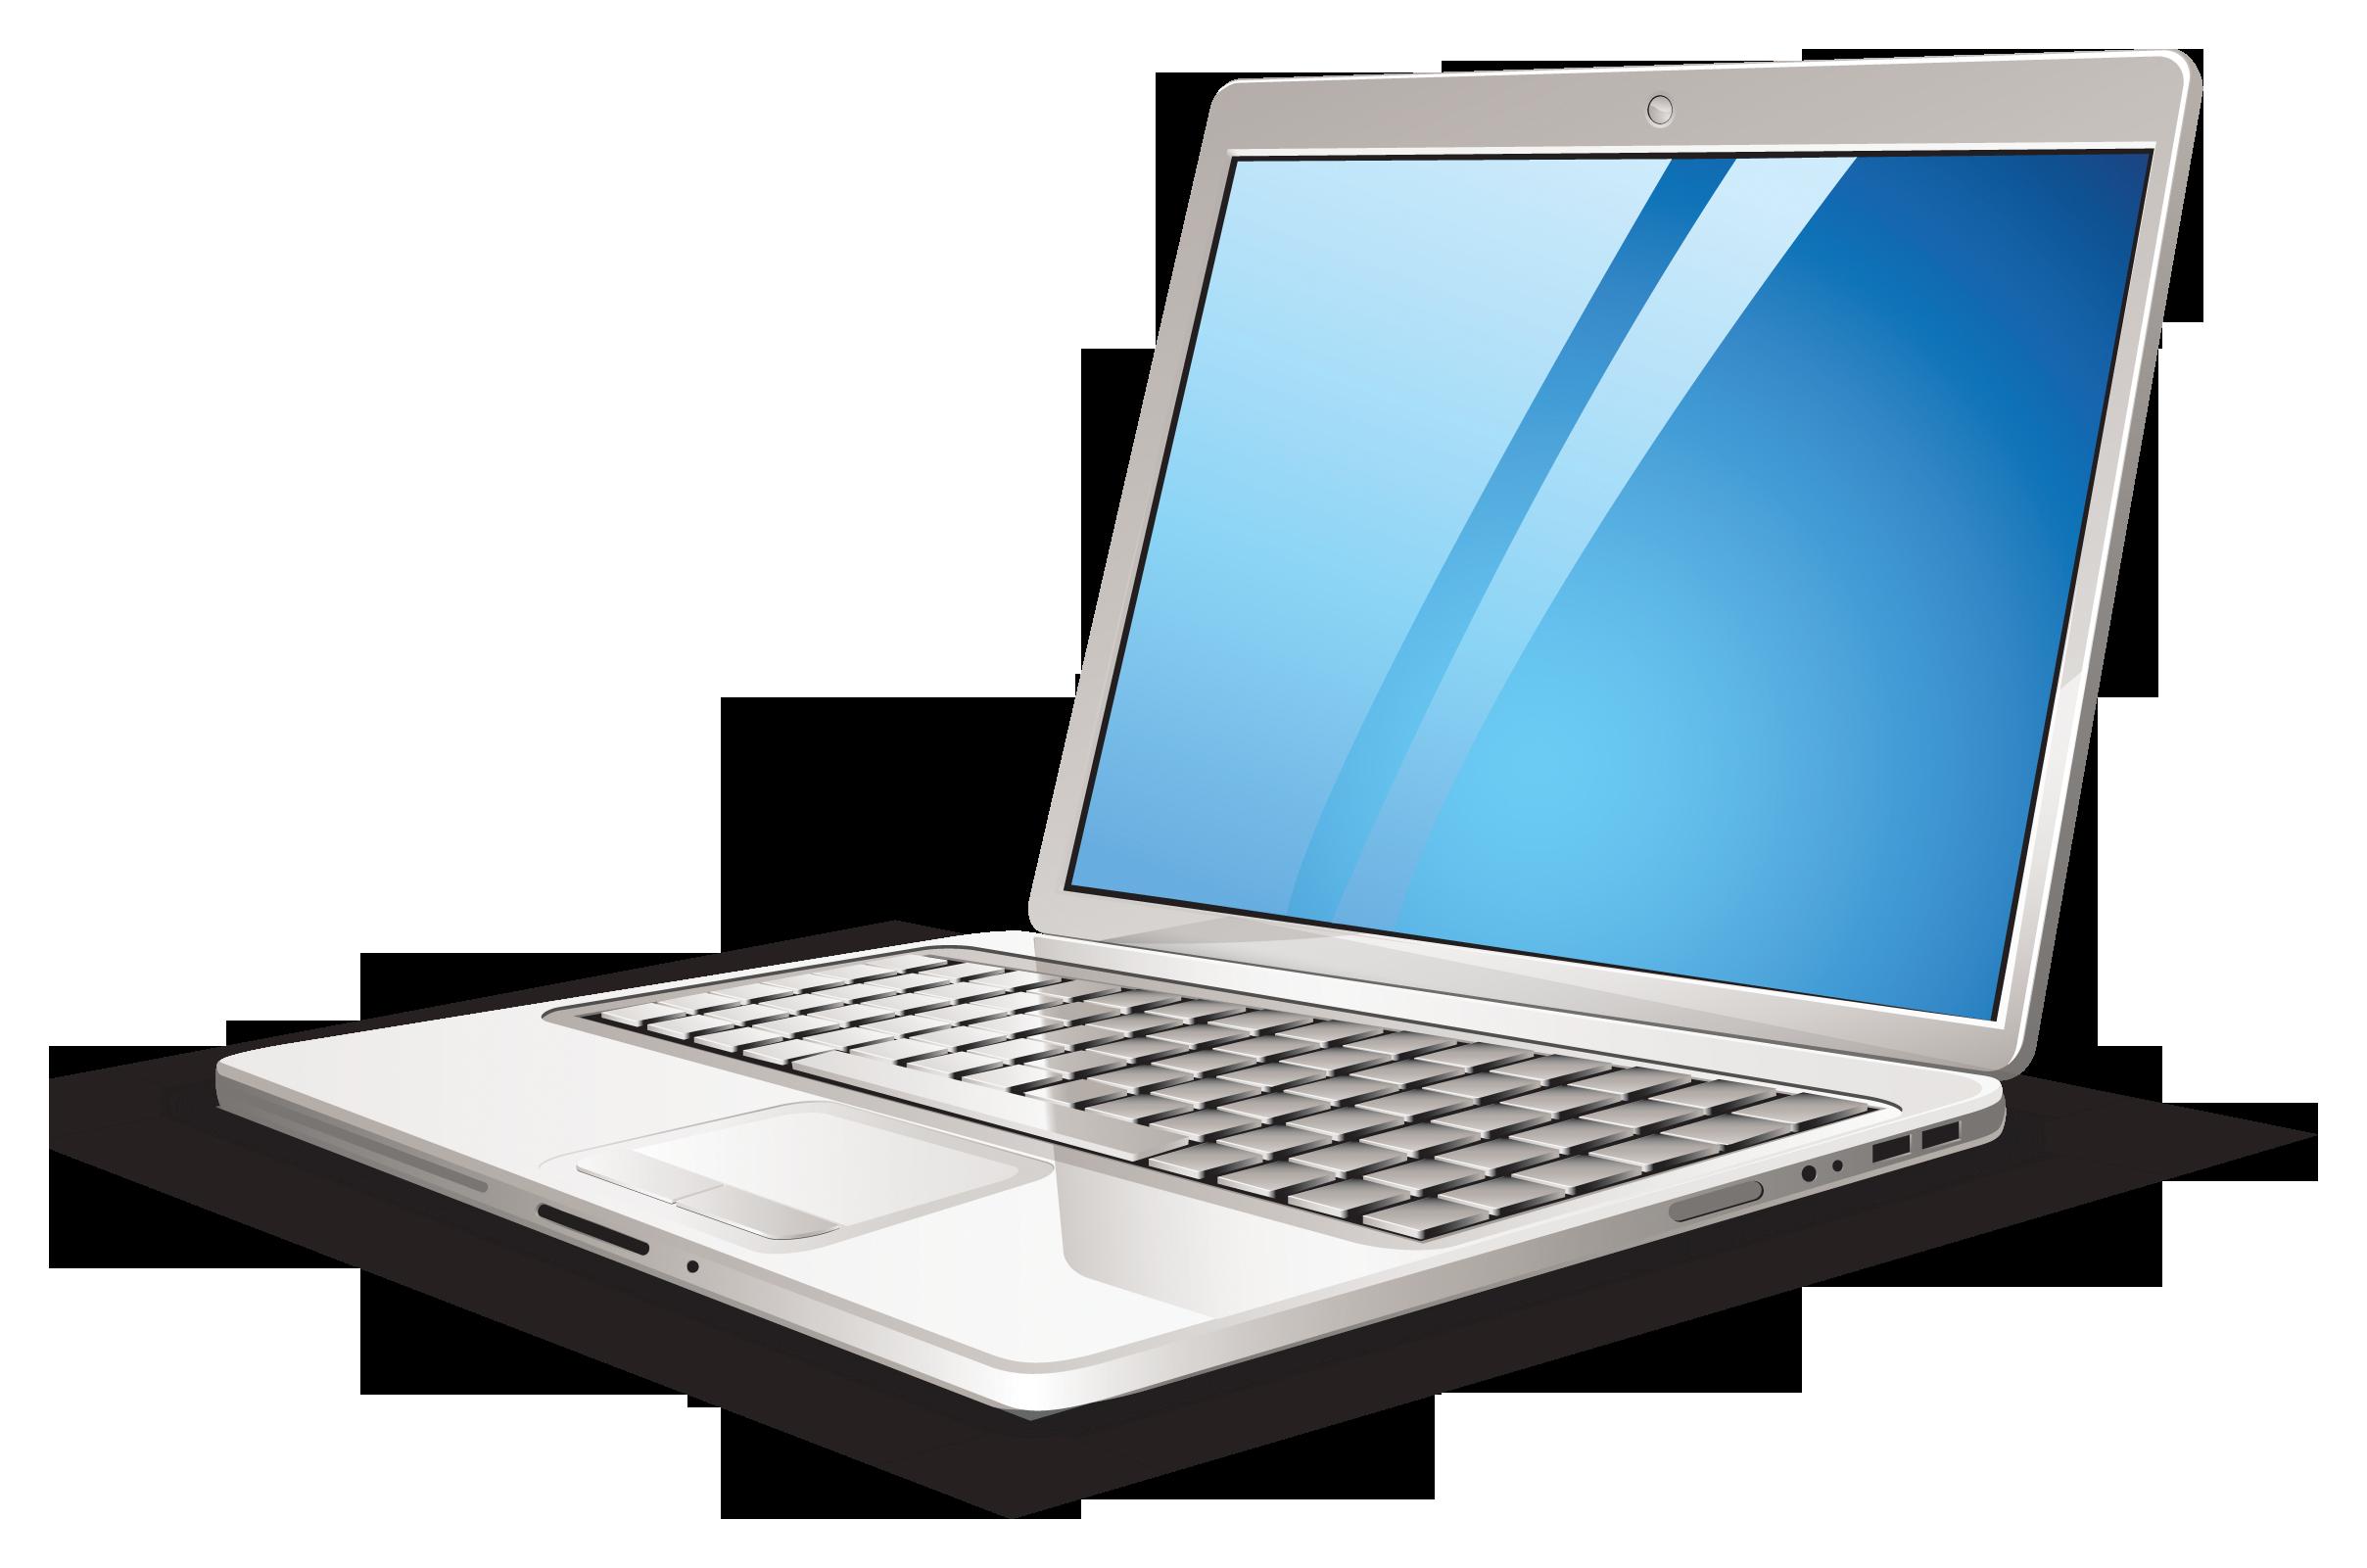 Free PNG Laptop - 44479